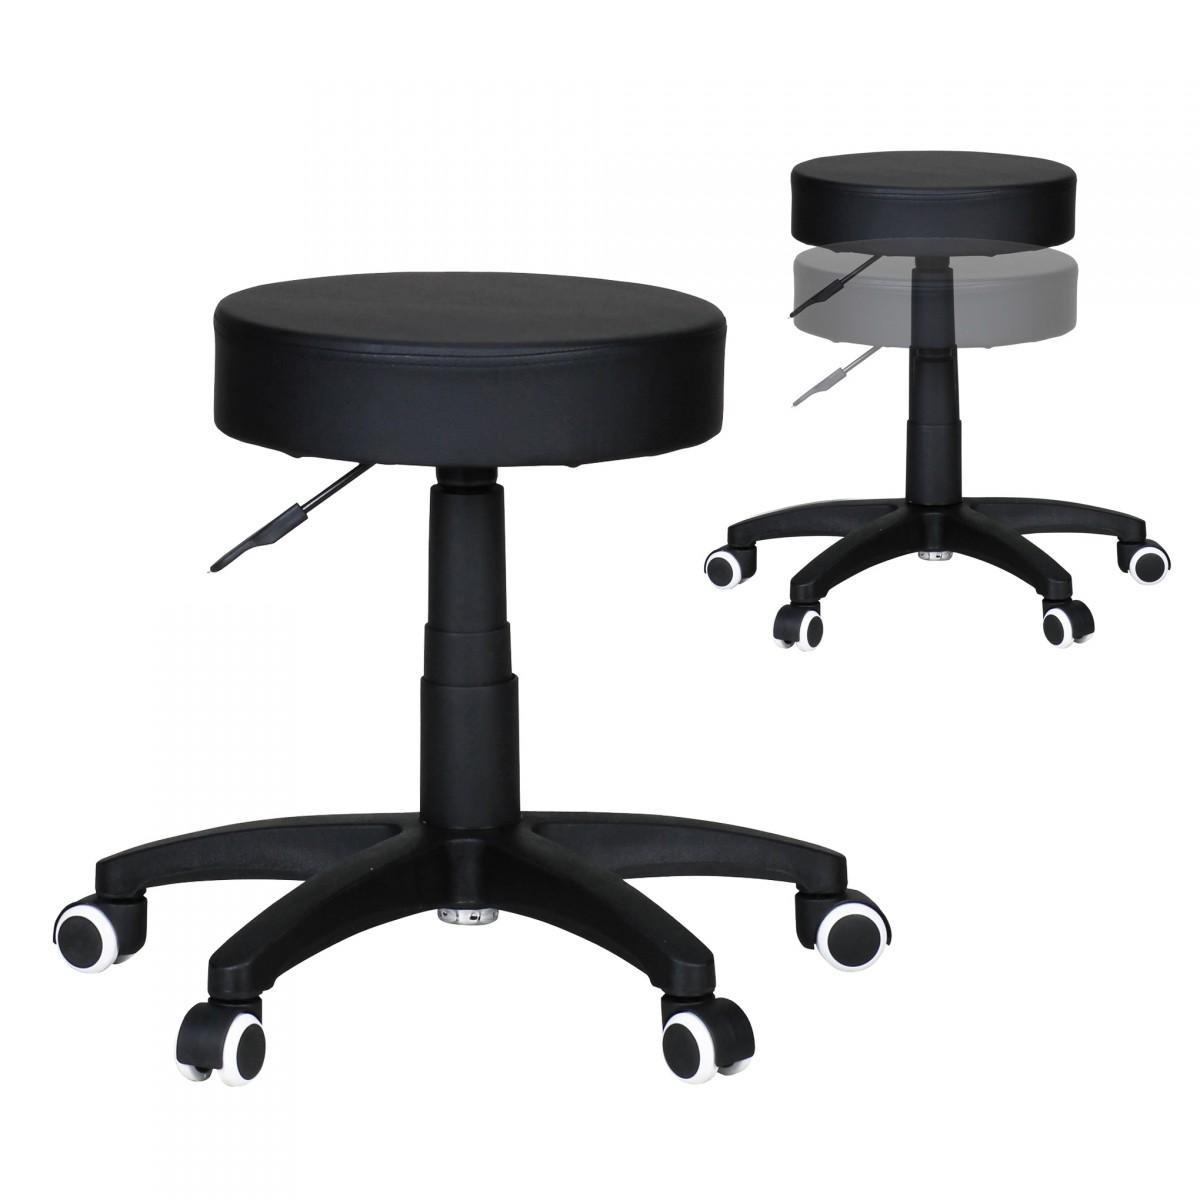 selles LEON S Tabouret design similicuir noir Tabouret à roulettes Tabouret sans dossier rembourré 1